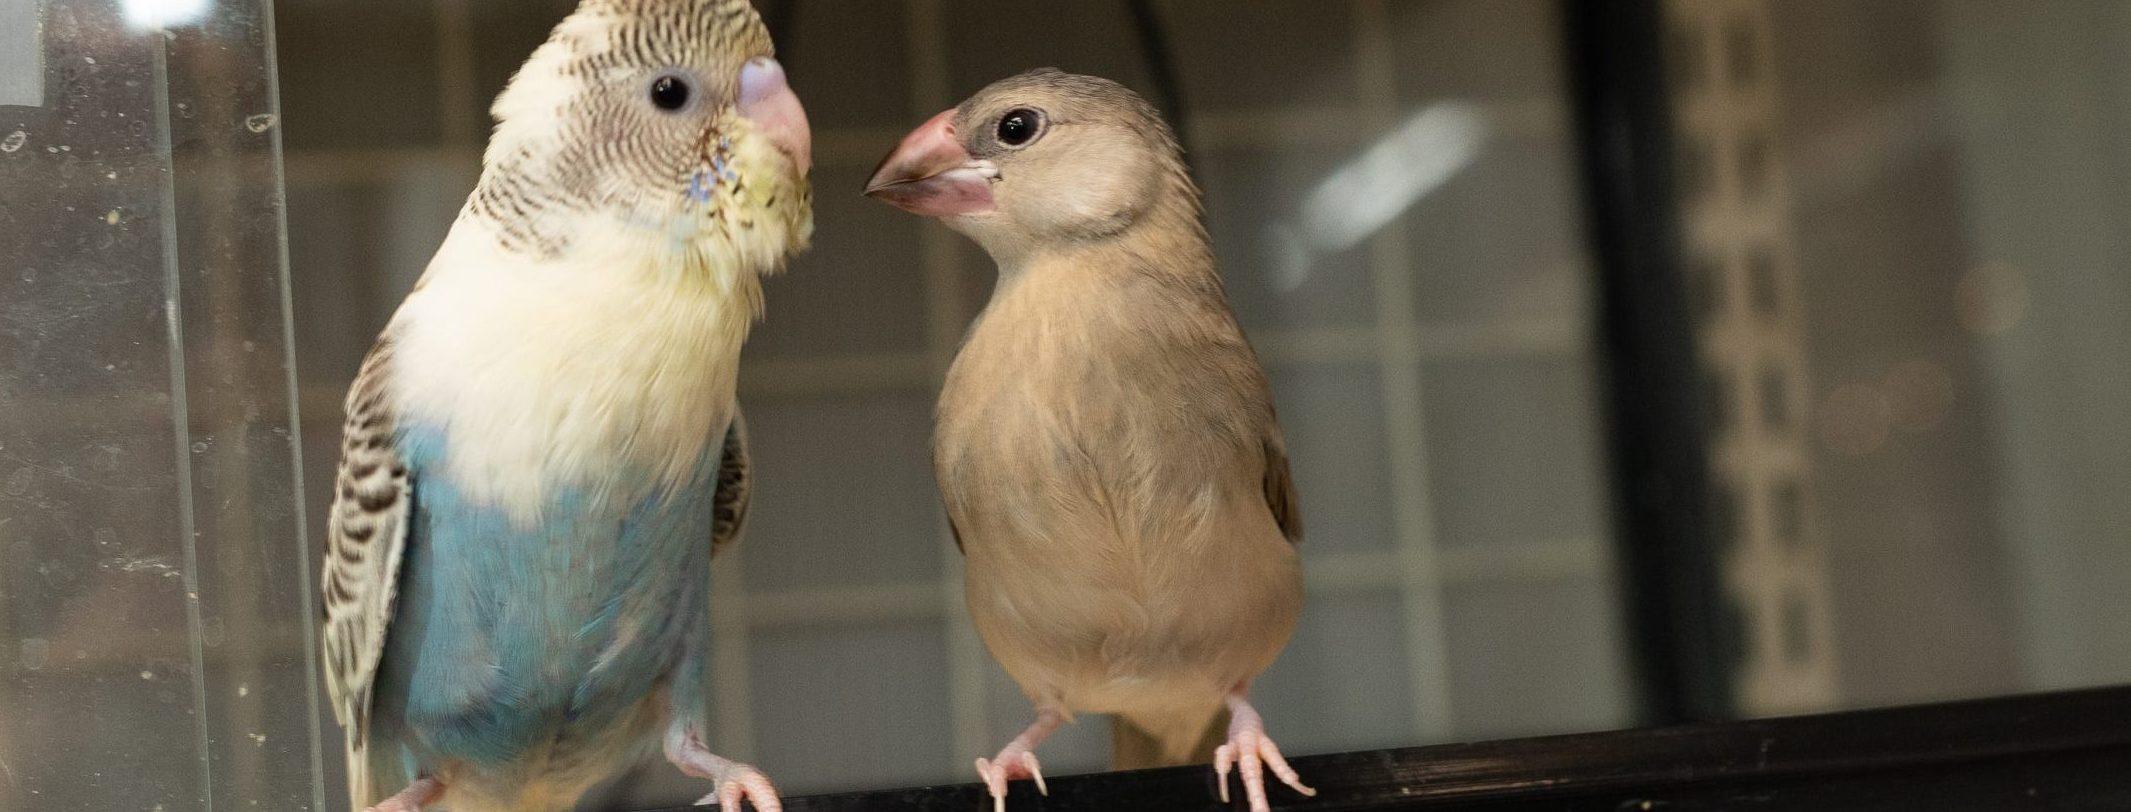 鳥の診療|青森県八戸市やすだ動物病院